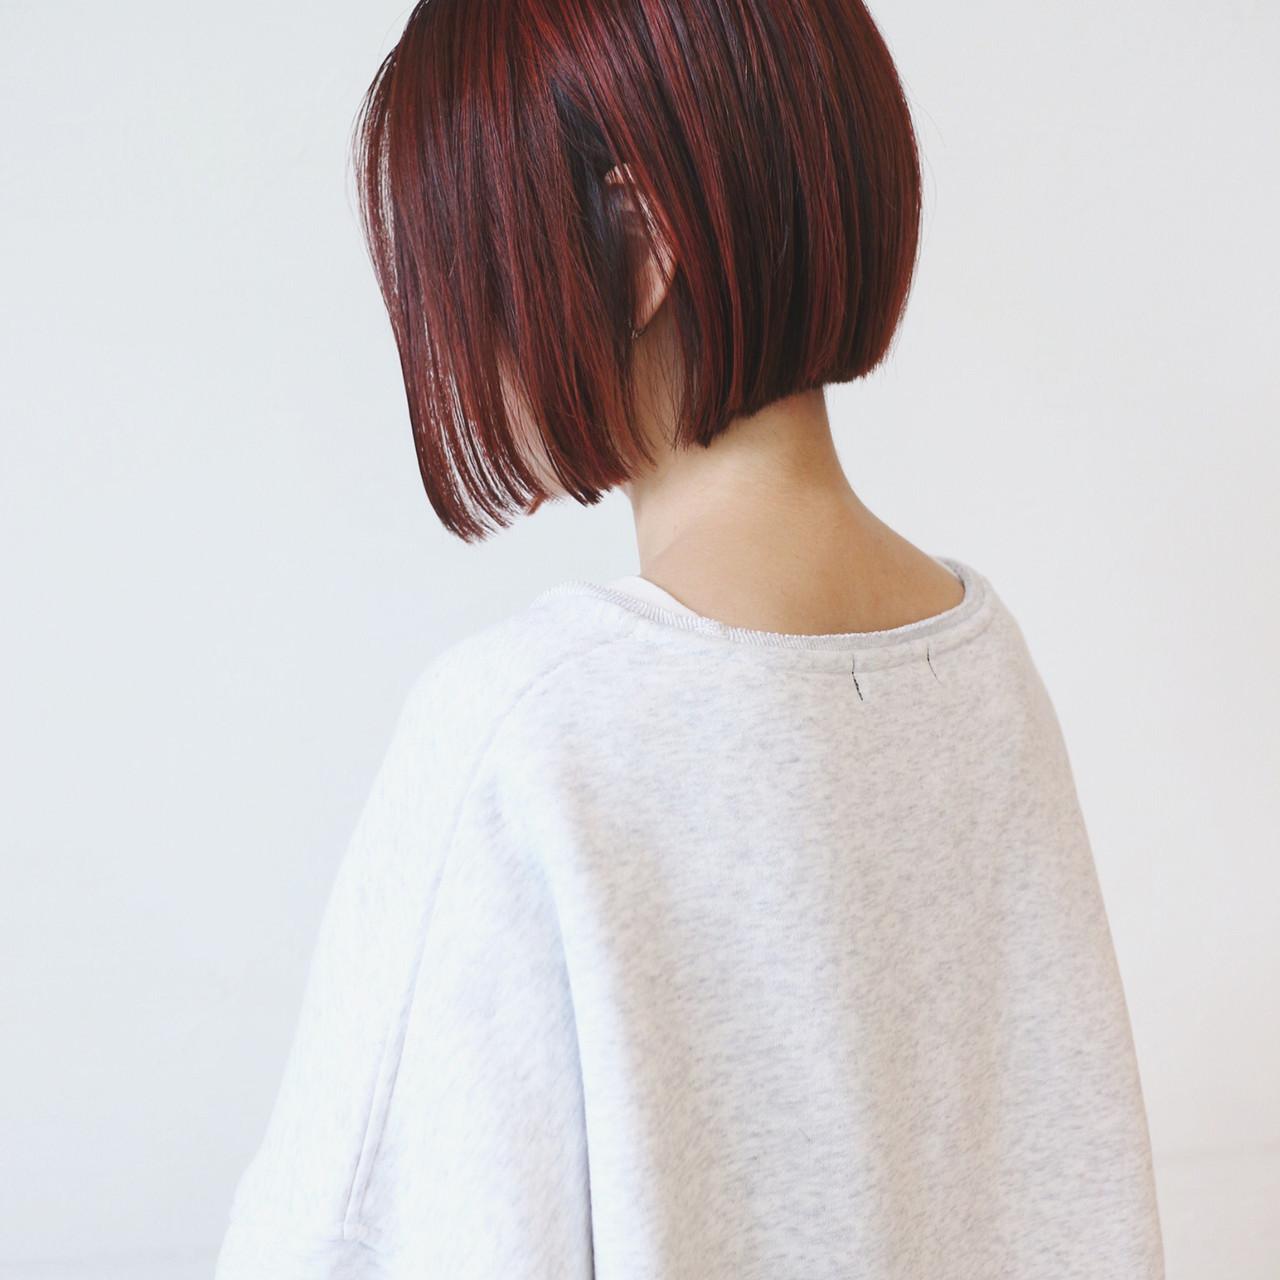 ベリーピンク 切りっぱなしボブ ハイライト ピンク ヘアスタイルや髪型の写真・画像